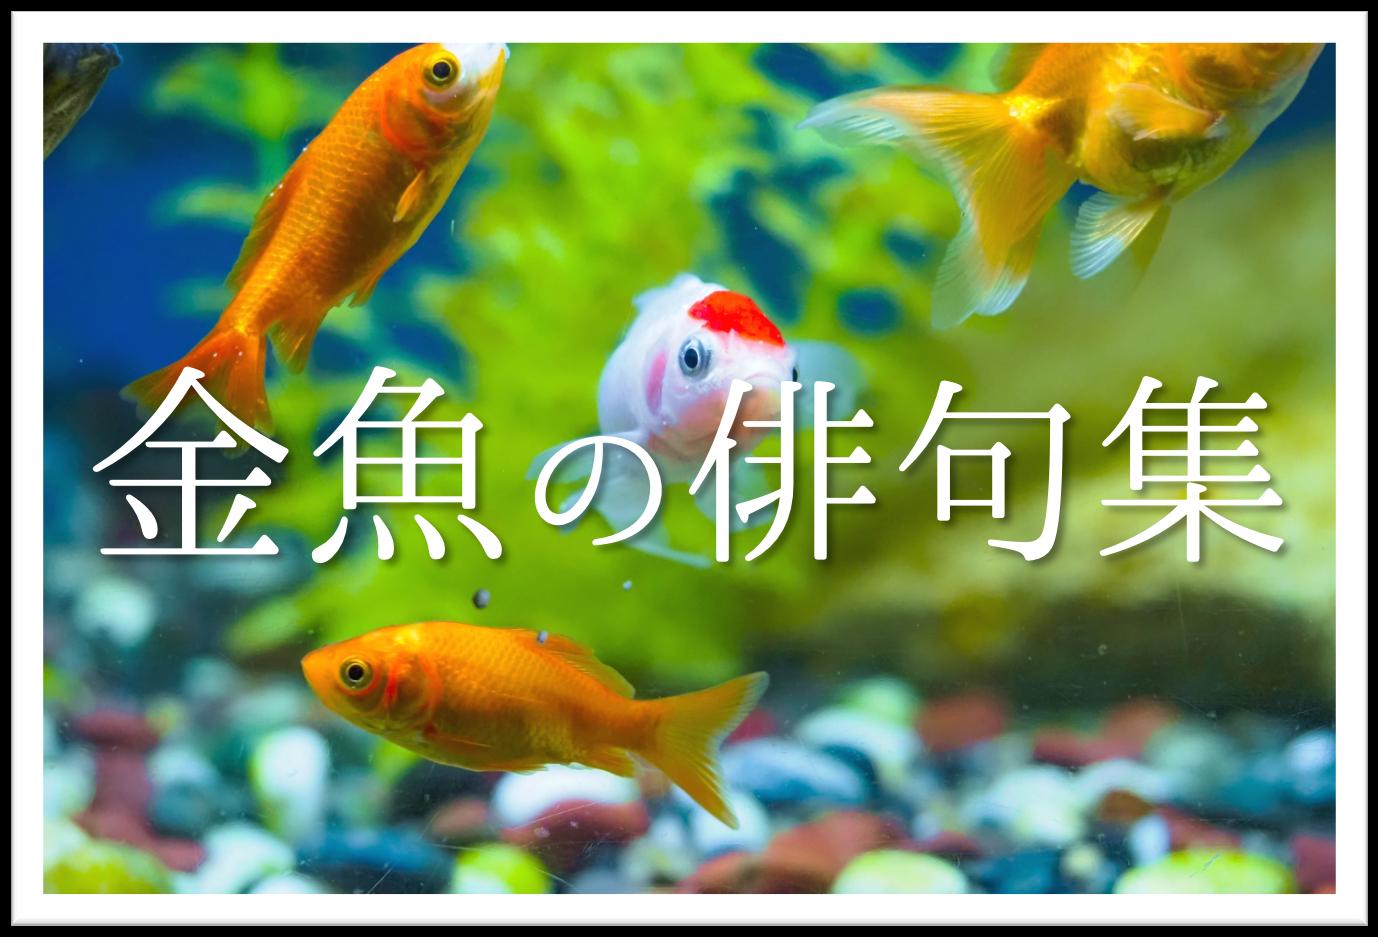 【金魚の俳句 20選】知っておきたい!!季語を含むおすすめ有名&素人俳句を紹介!